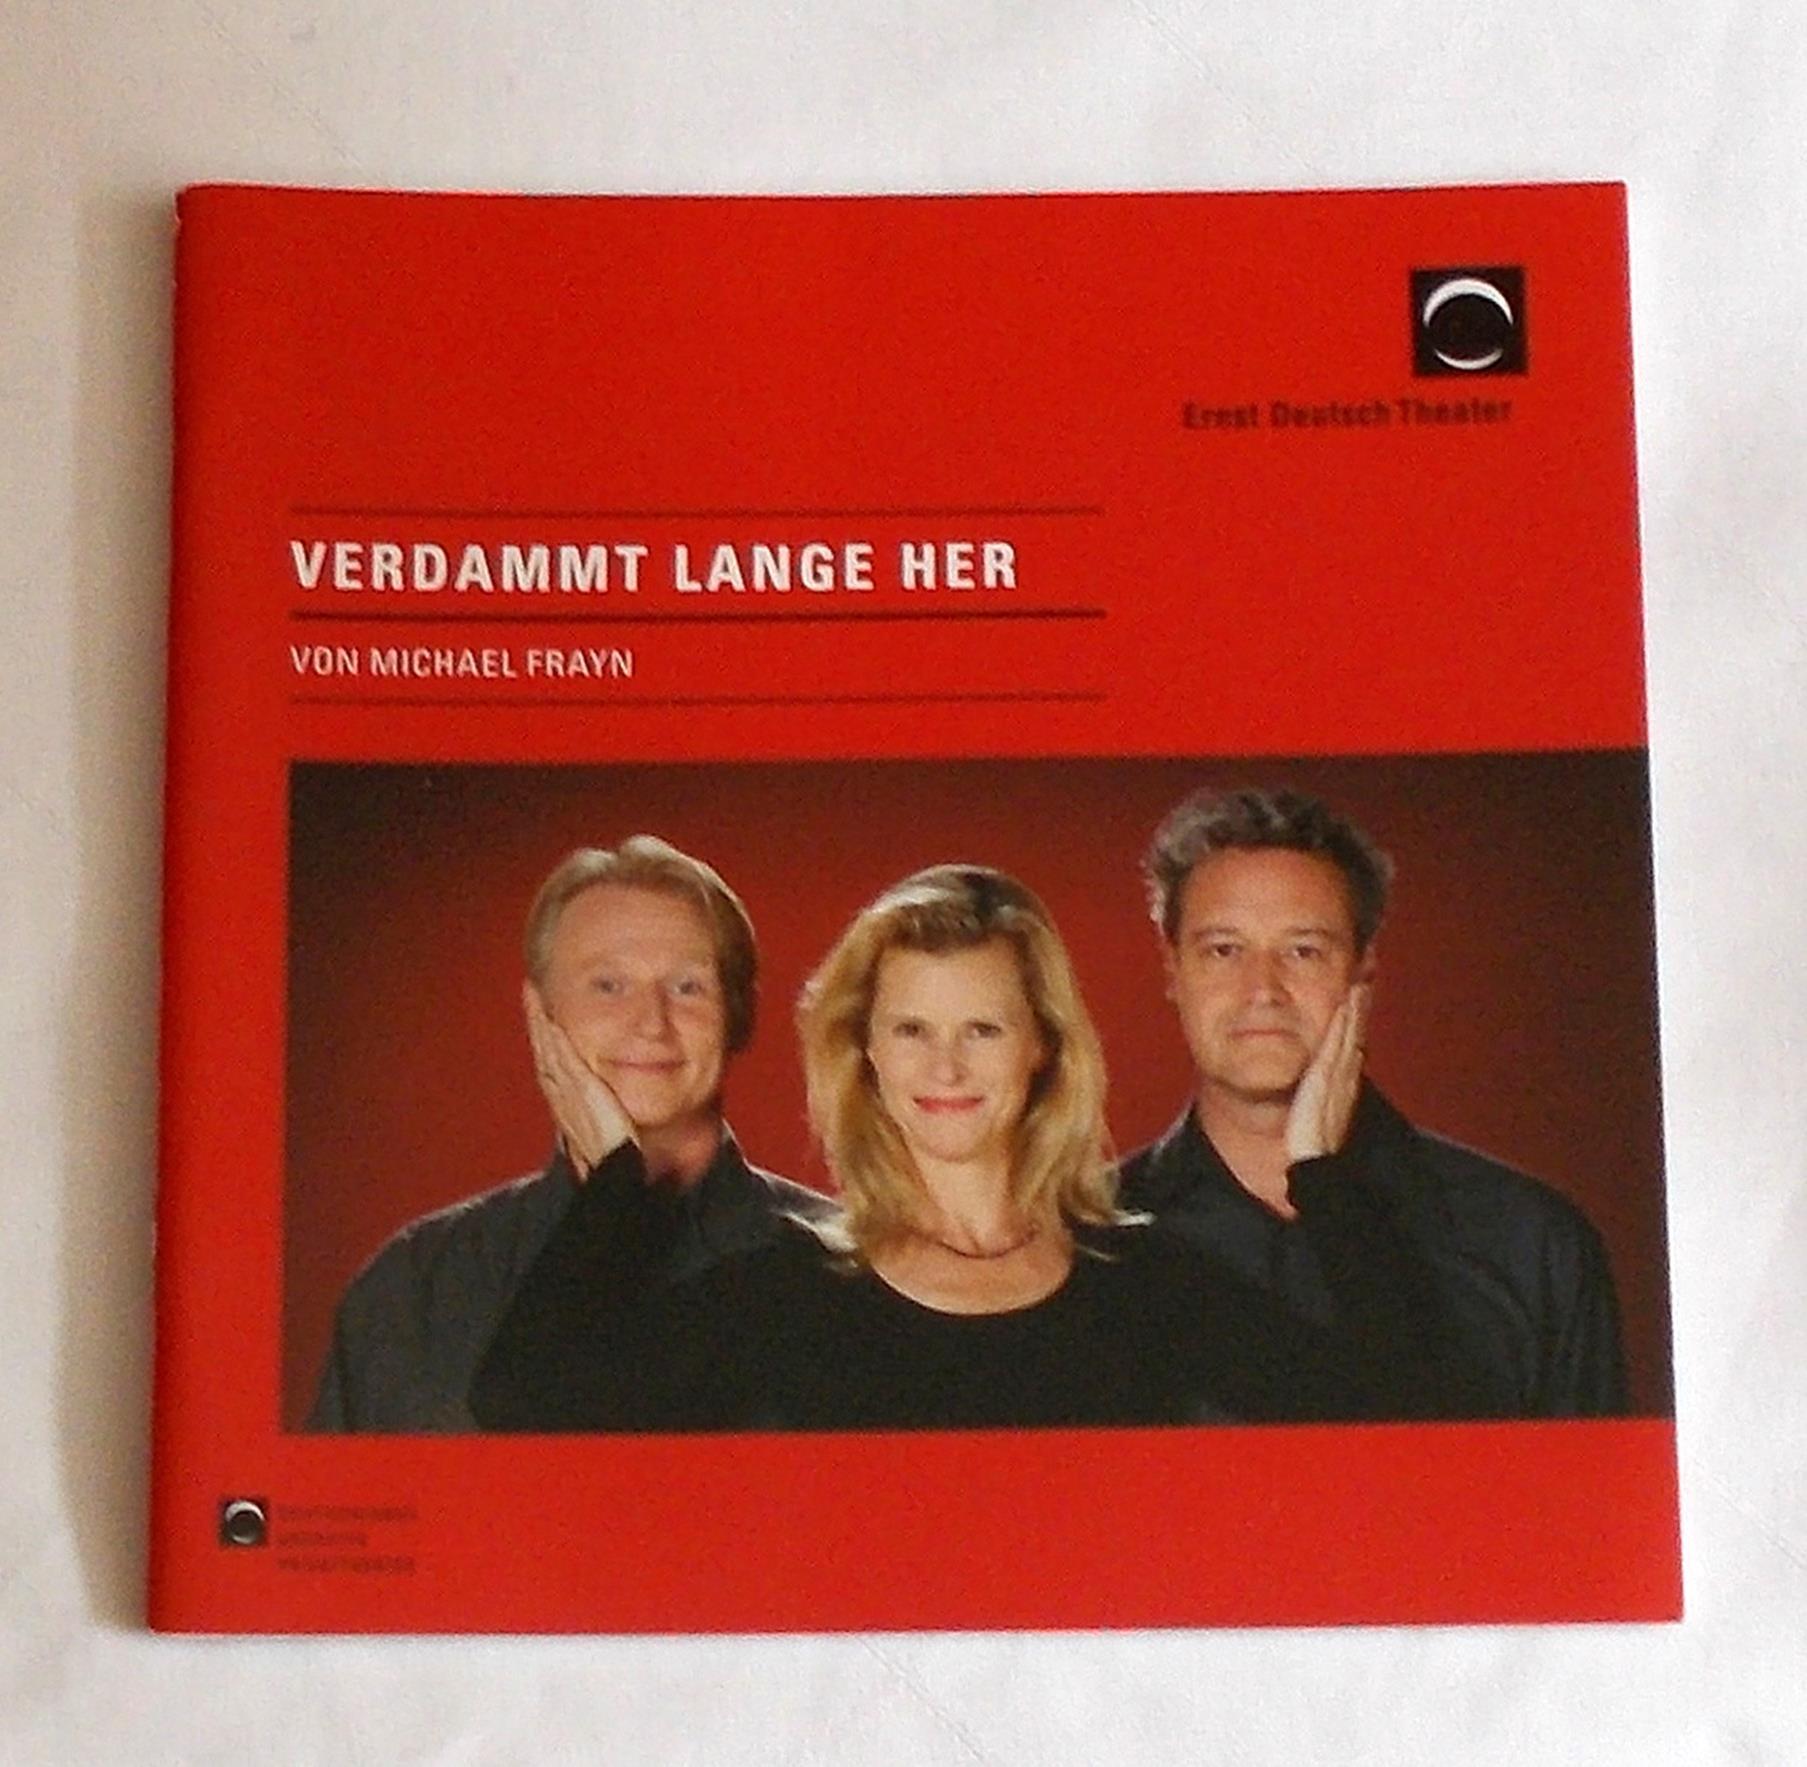 Programmheft Verdammt lange her von Michael Frayn. Ernst Deutsch Theater 2009